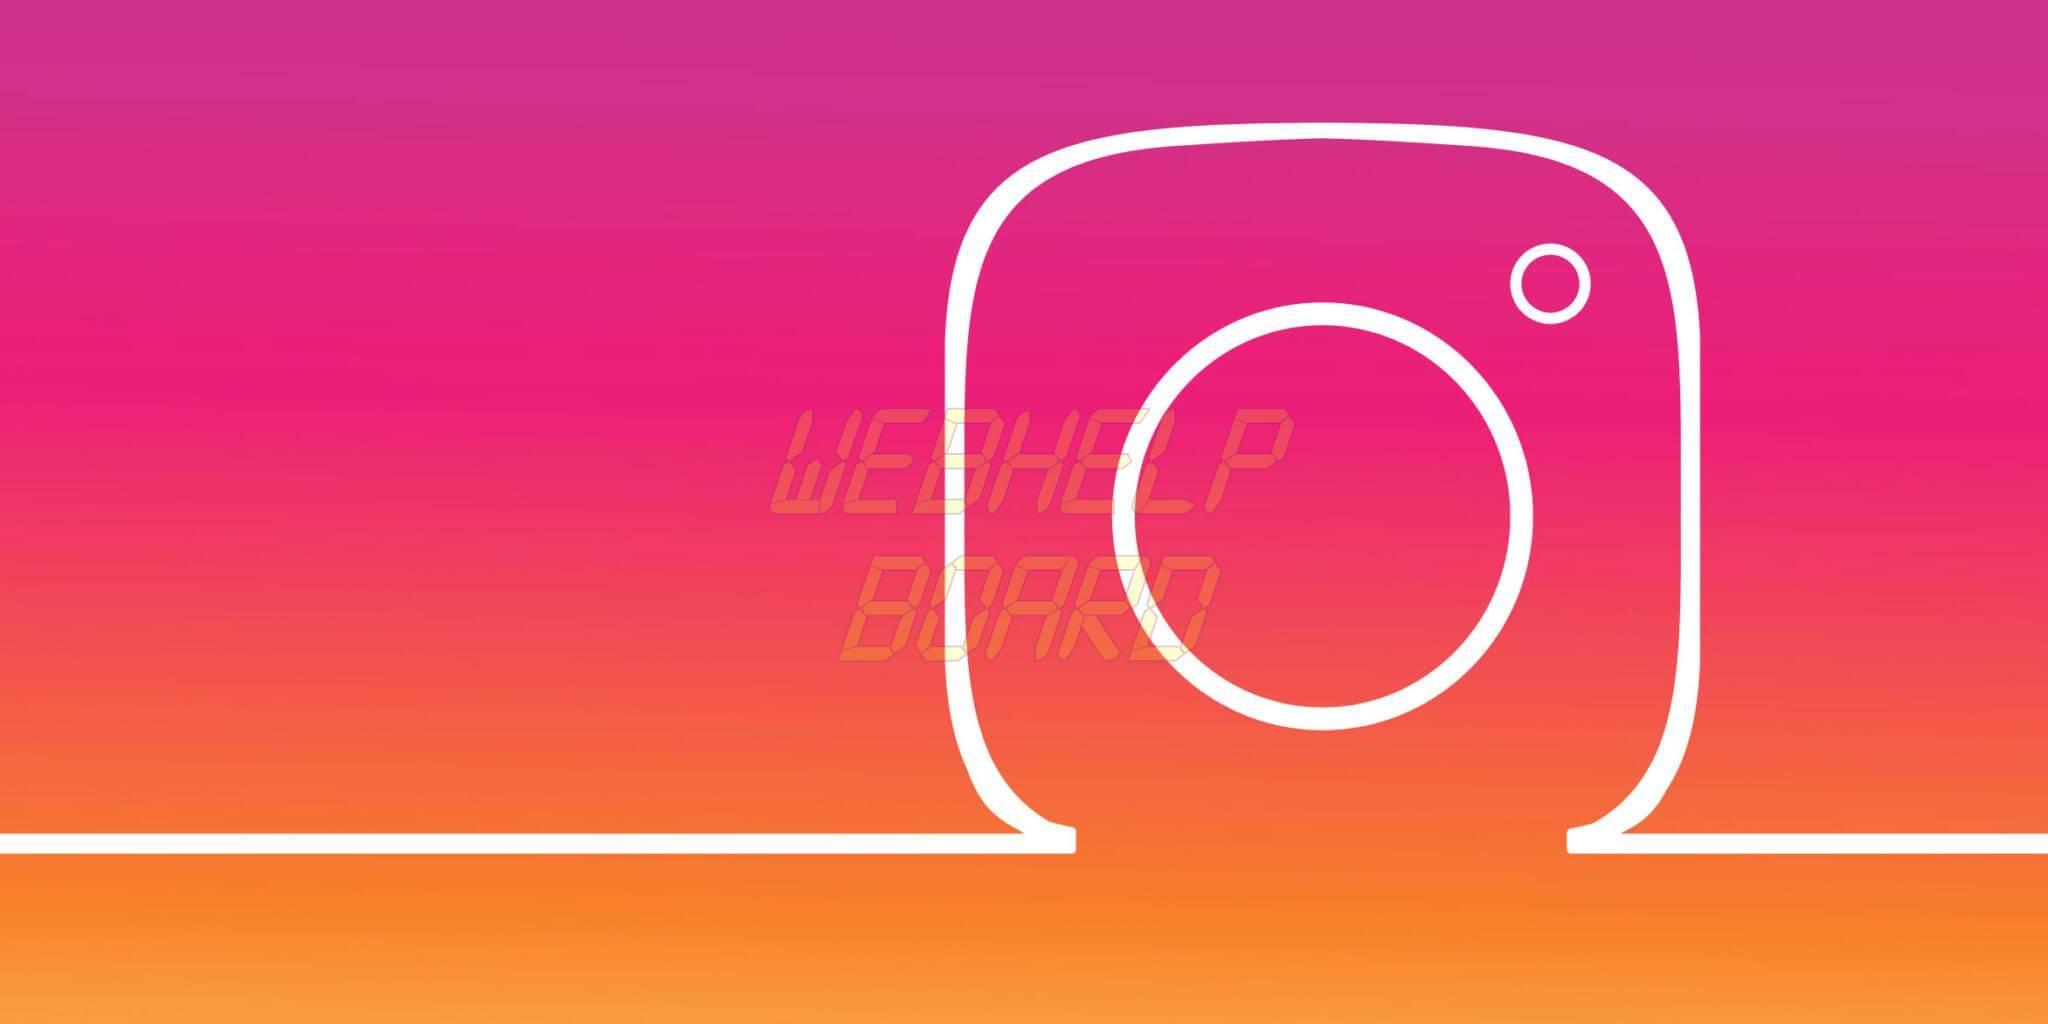 7e7b3587747f5d86 2048x1024 - Desative a opção de status de atividade do Instagram e evite stalkers